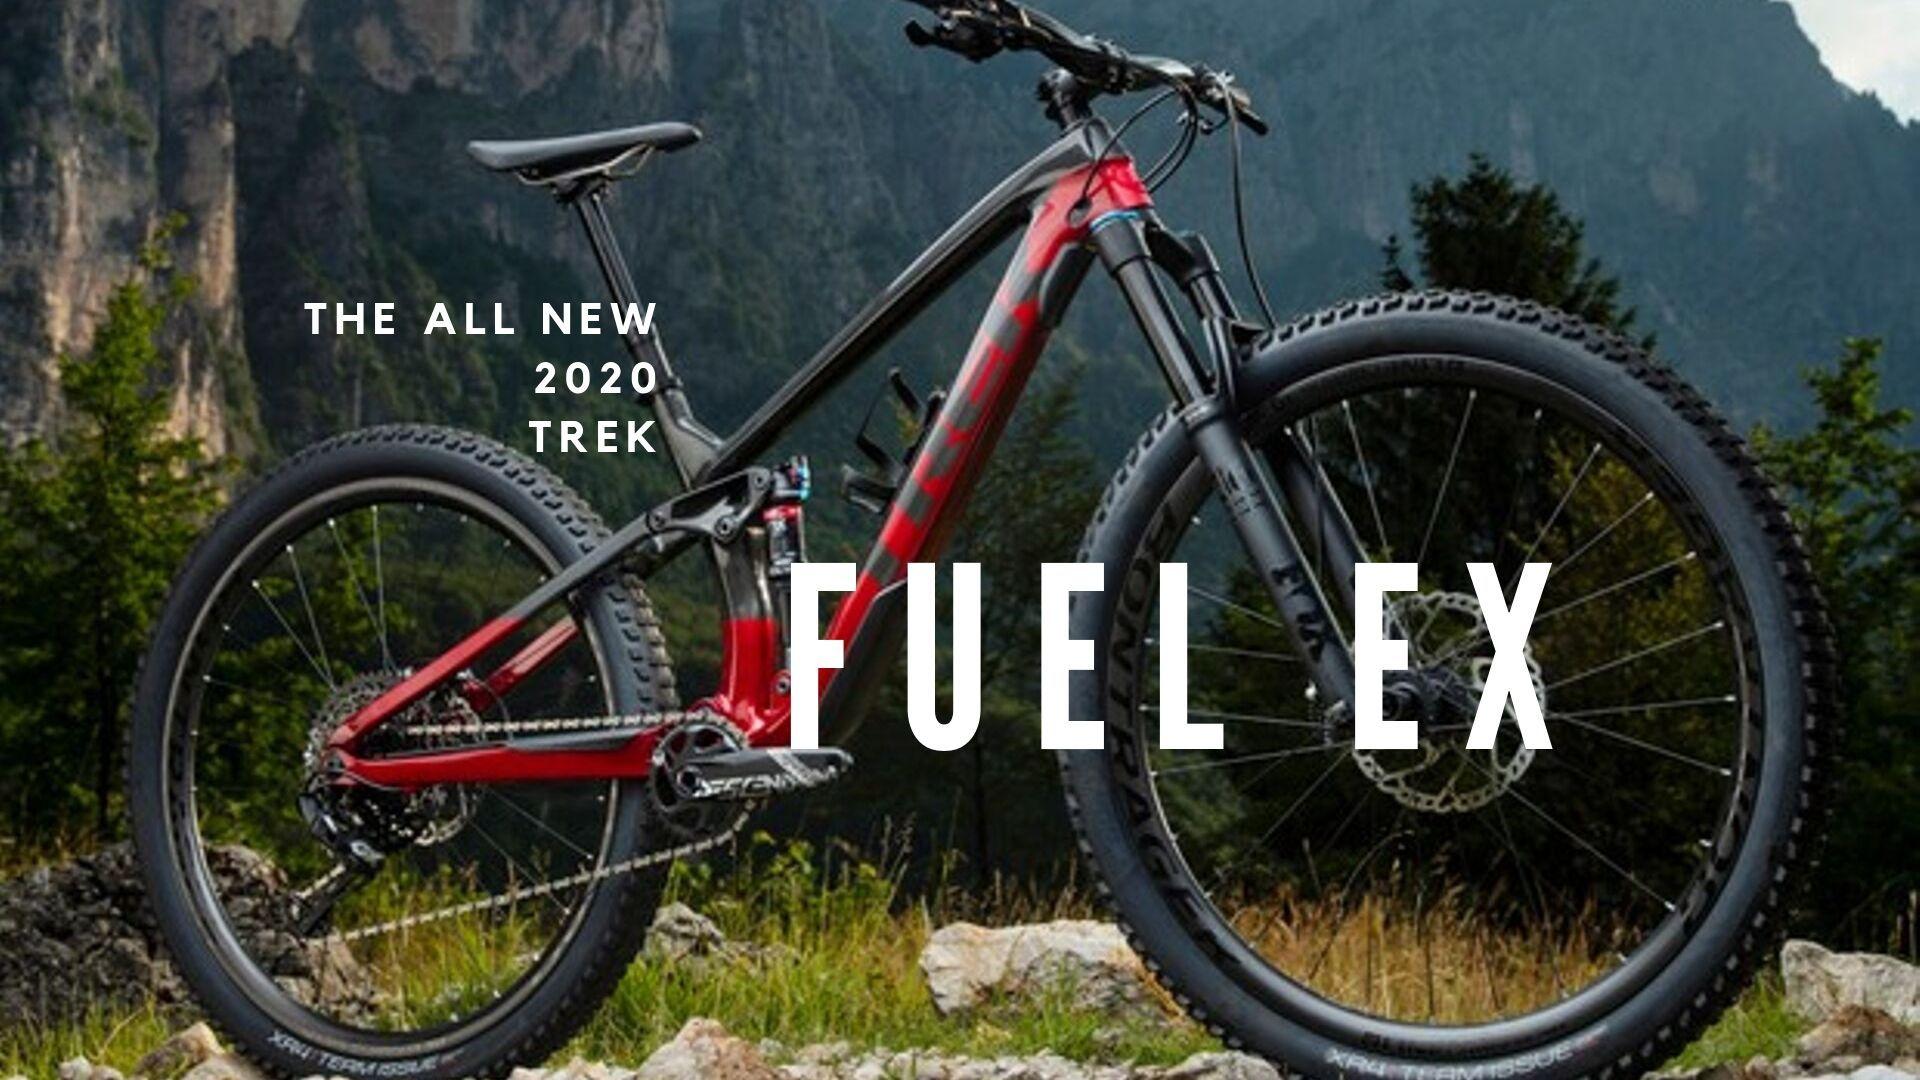 The All New 2020 Trek Fuel EX